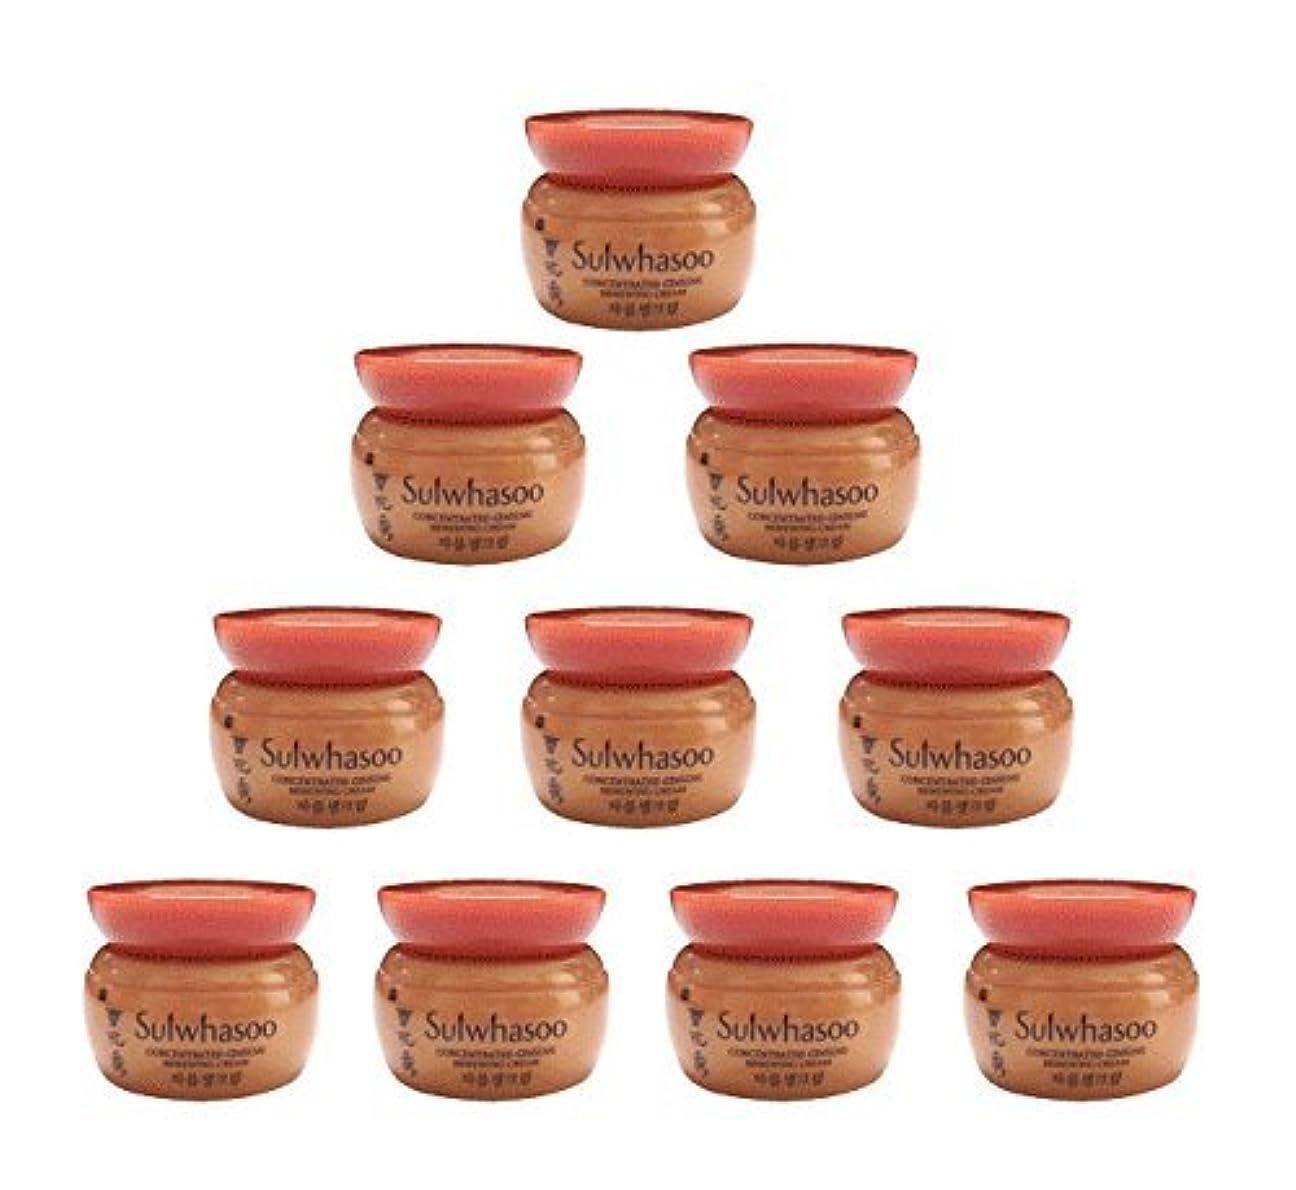 お風呂を持っているカロリーシーズン【ソルファス 雪花秀 Sulwhasoo】 Concentrated Ginseng Renewing Cream(50ml) 5ml x 10個 韓国化粧品 ブランドのサンプル [並行輸入品]